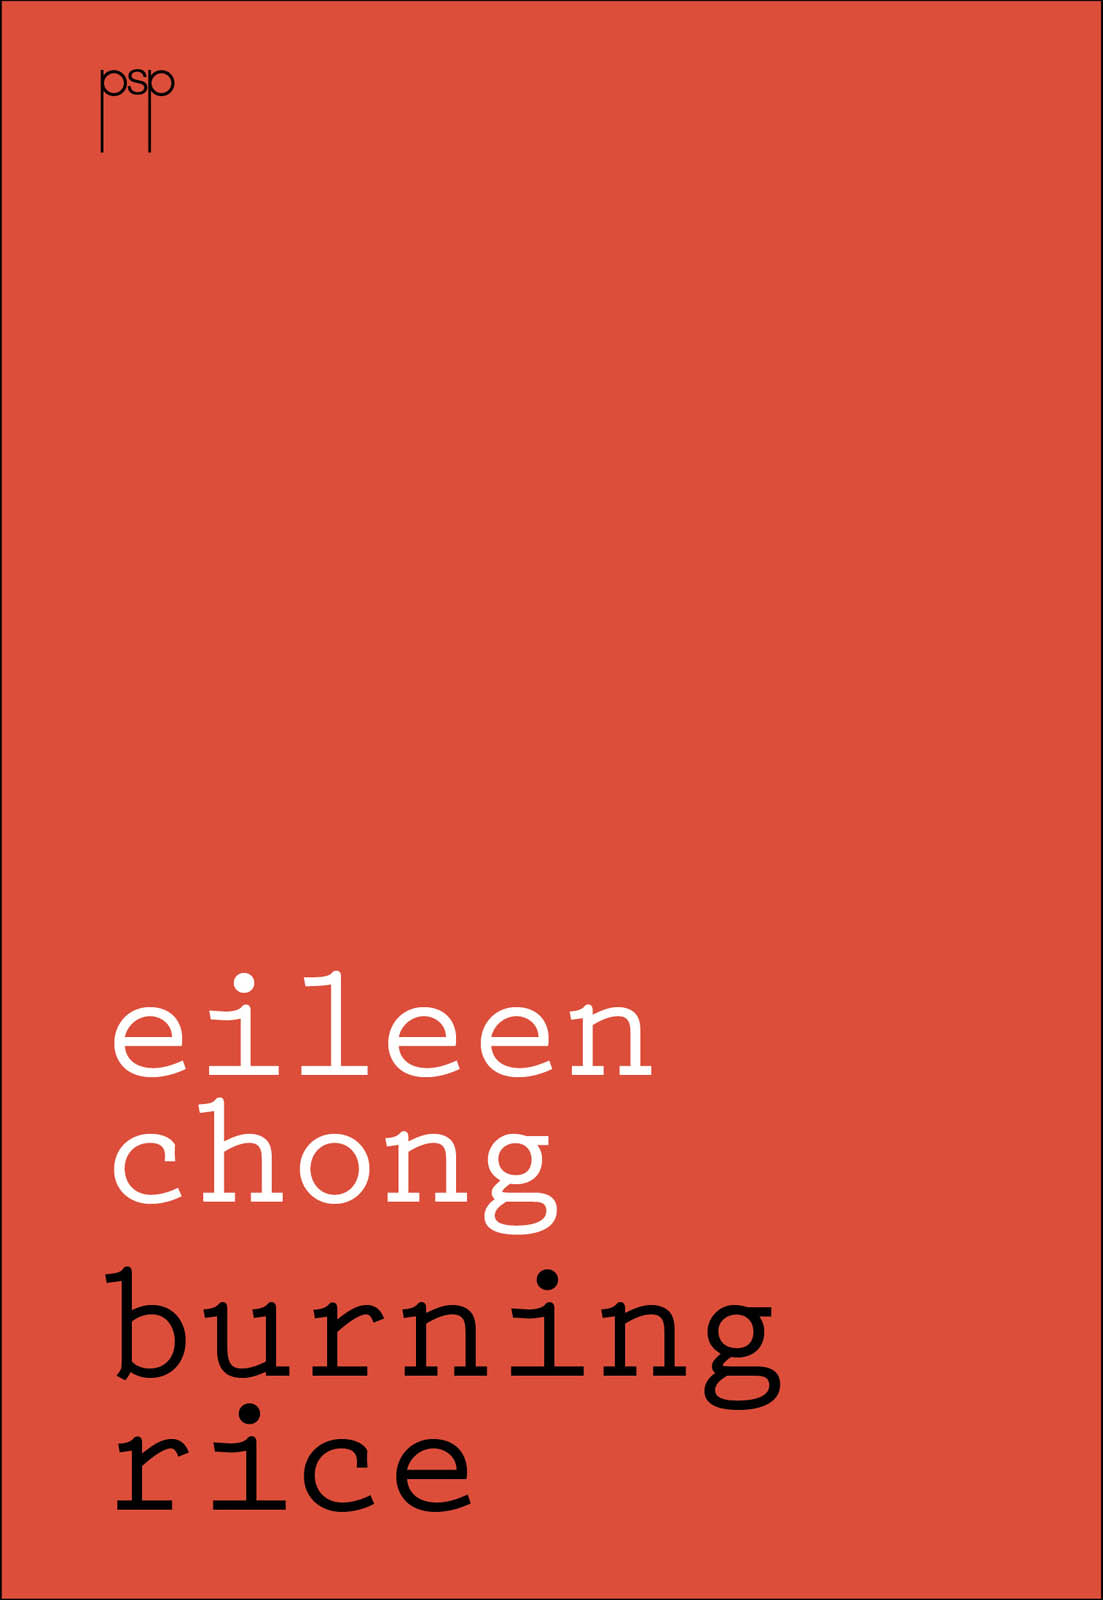 Burning Rice (e-book in e-pub format)